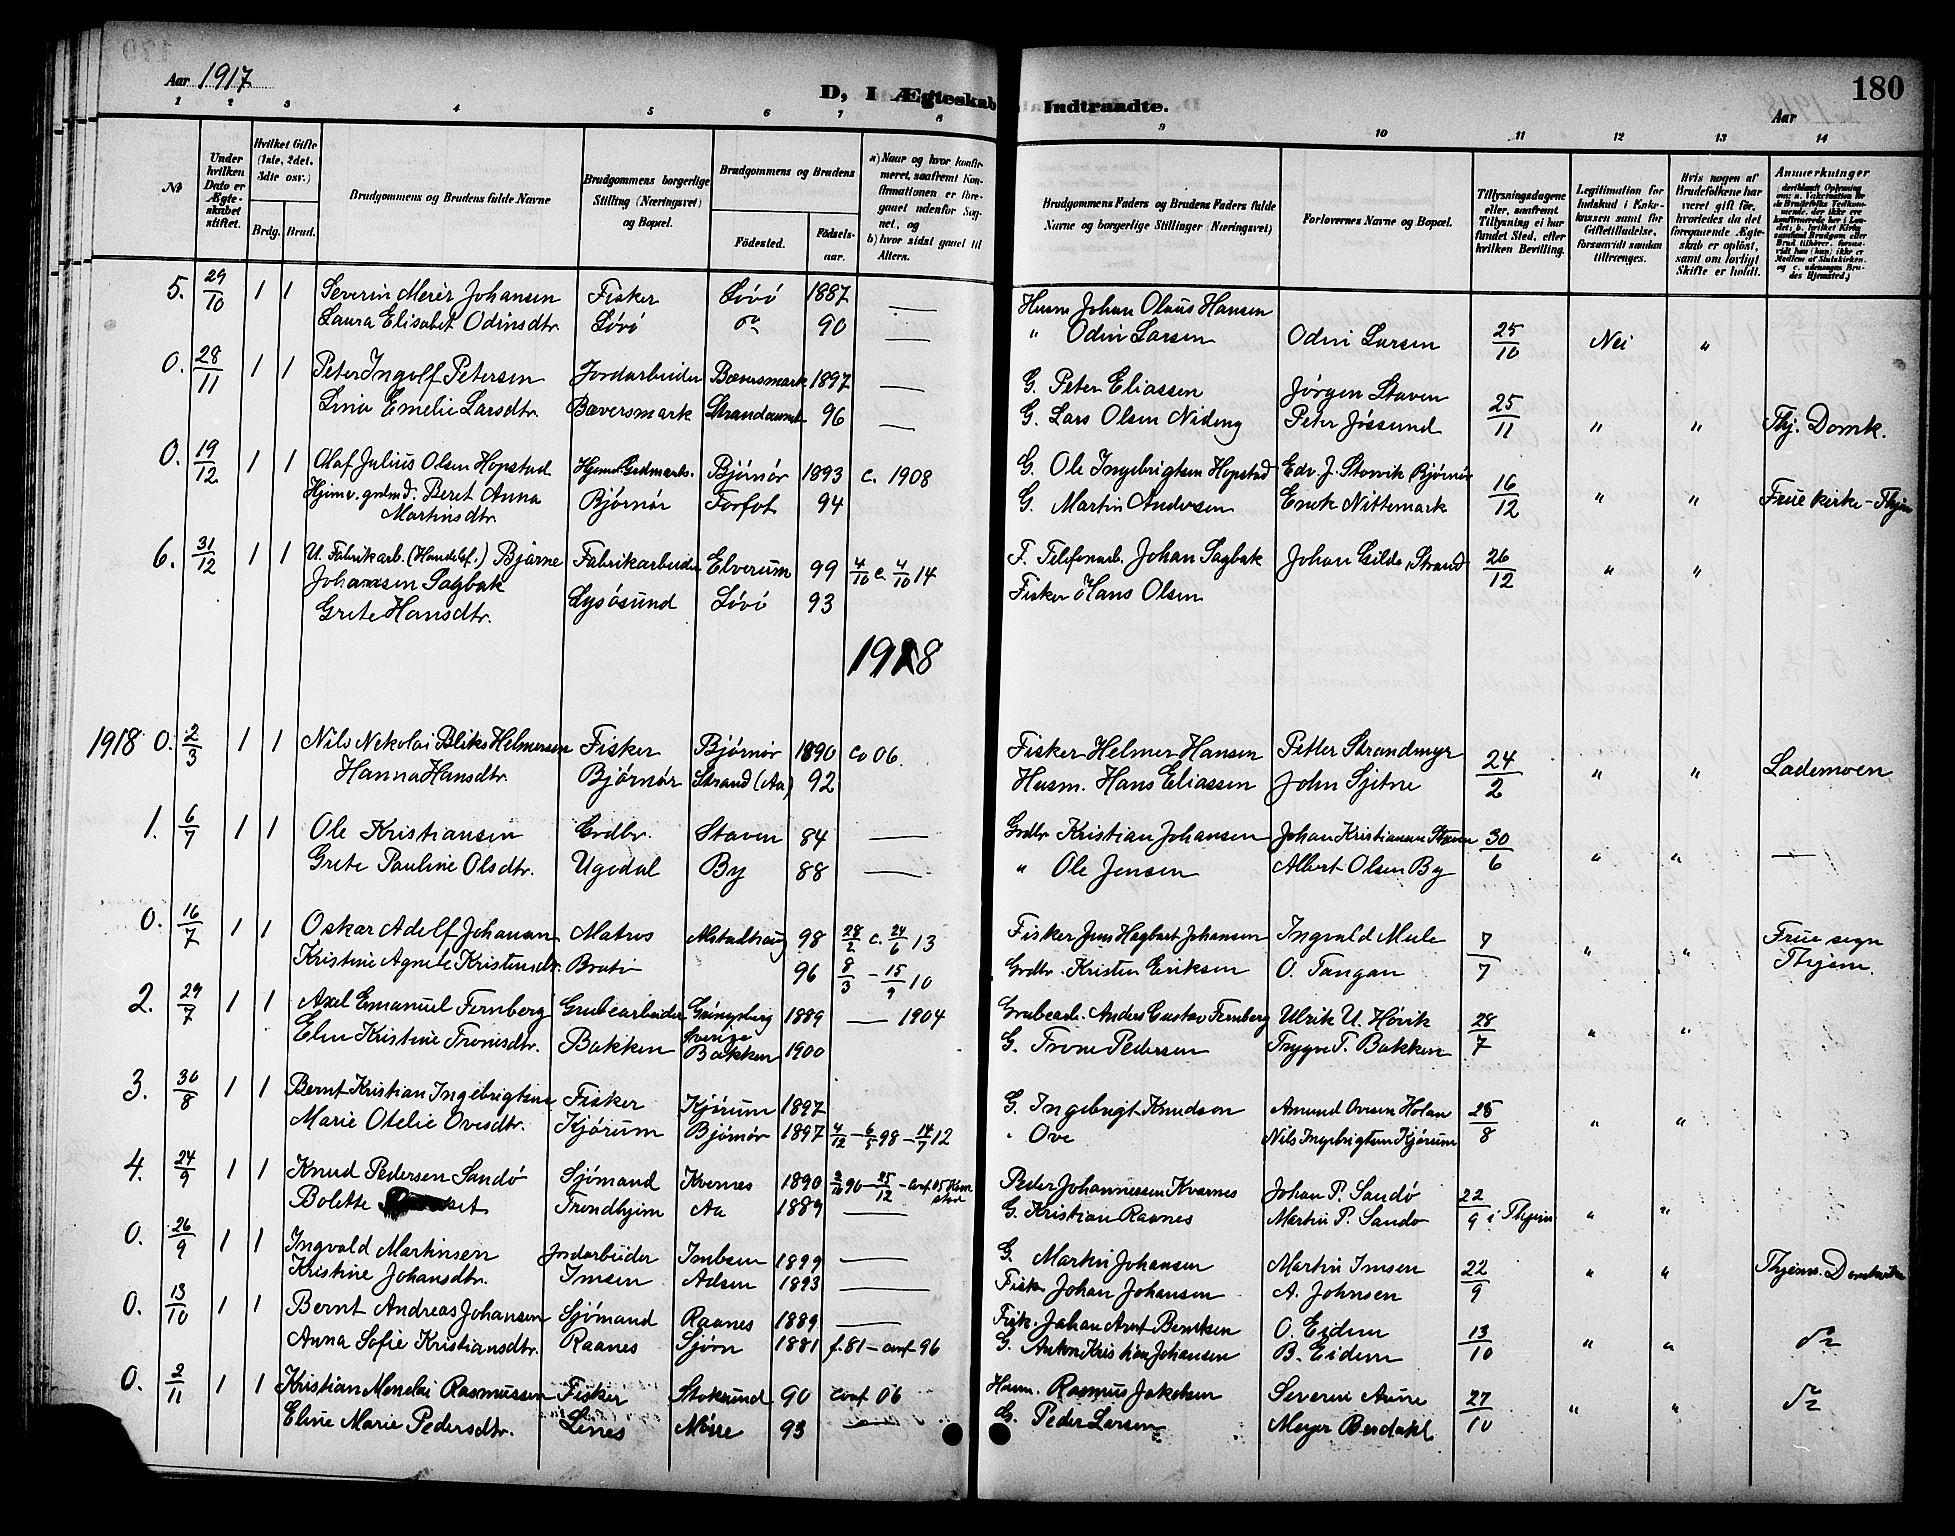 SAT, Ministerialprotokoller, klokkerbøker og fødselsregistre - Sør-Trøndelag, 655/L0688: Klokkerbok nr. 655C04, 1899-1922, s. 180